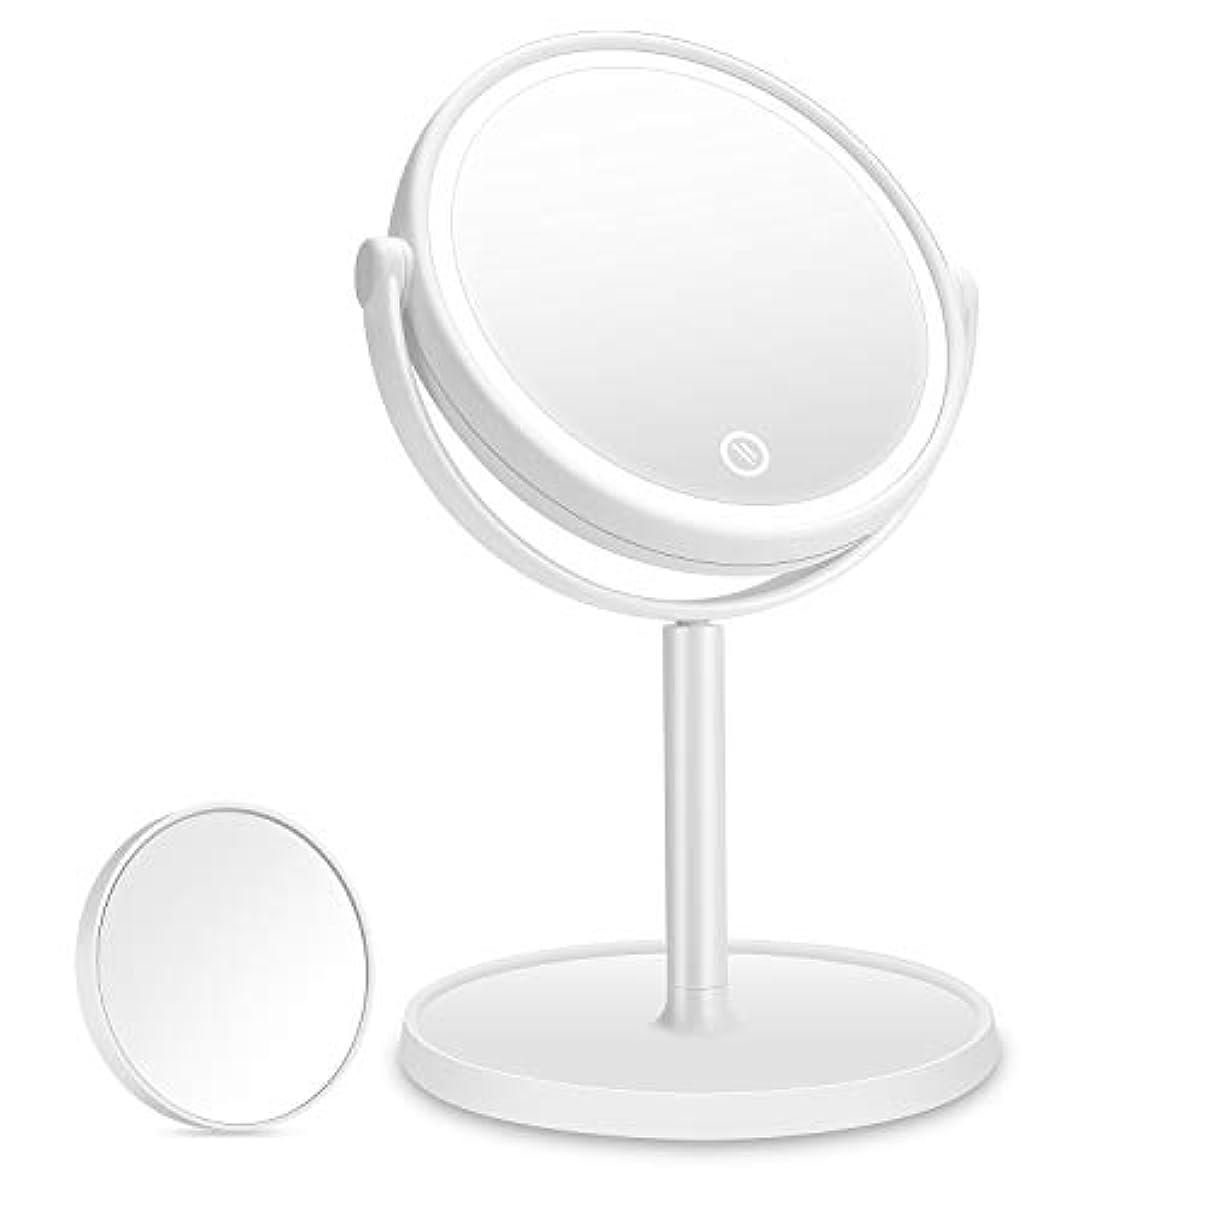 かみそりひも談話化粧鏡 Aidbucks LED 拡大鏡 3倍 卓上鏡 メイク 女優 スタンドミラー LEDライト付き 明るさ調節可 充電式 360度回転 収納 自然光 柔らかい光 折りたたみ式 USB/乾電池給電 ホワイト